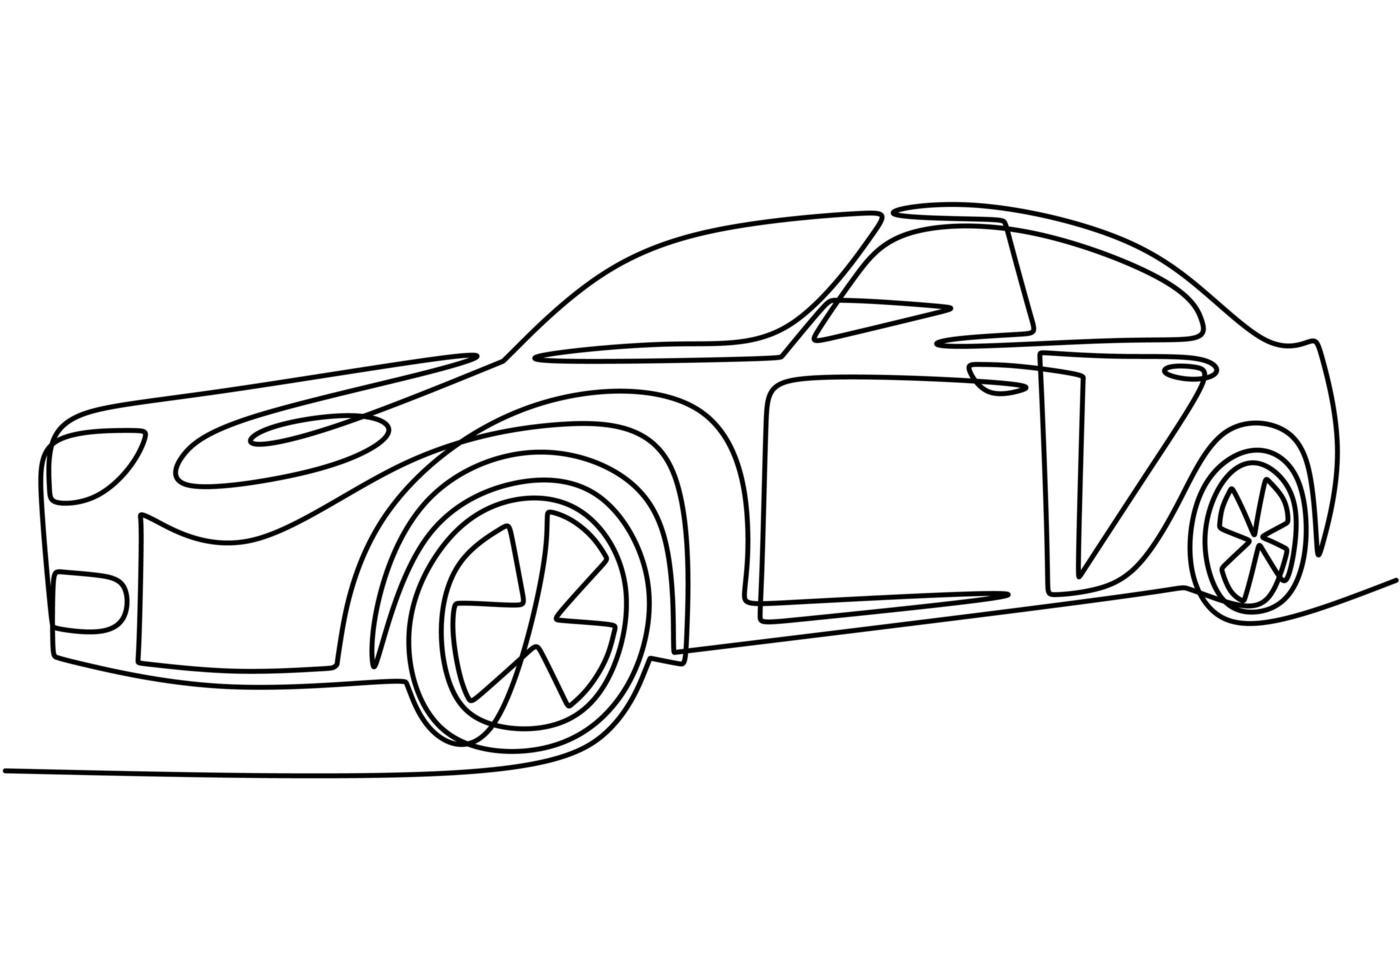 un seul dessin au trait continu d'une voiture de luxe. fermer. vecteur